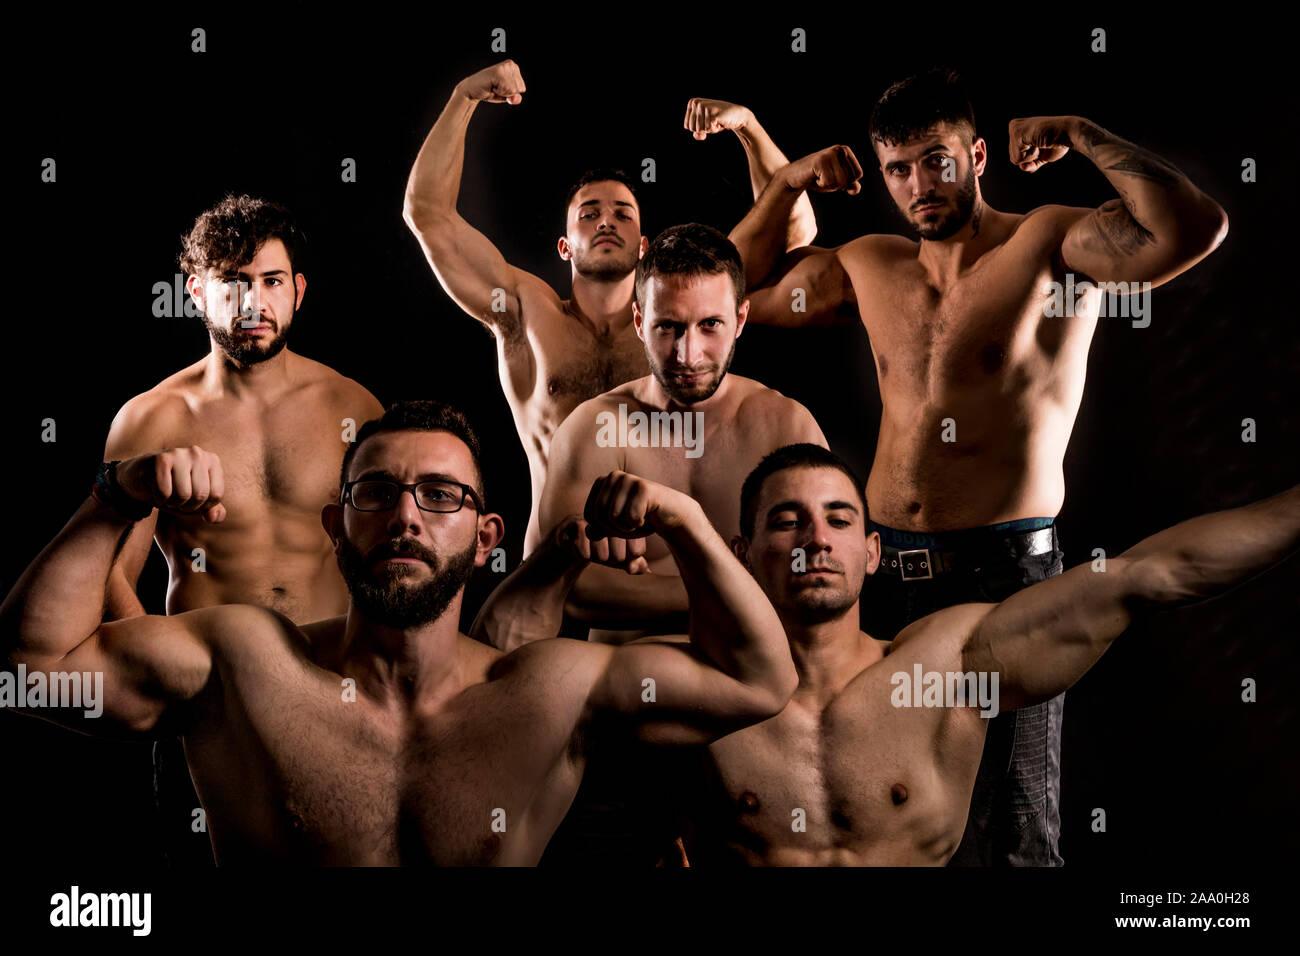 shirtless men group